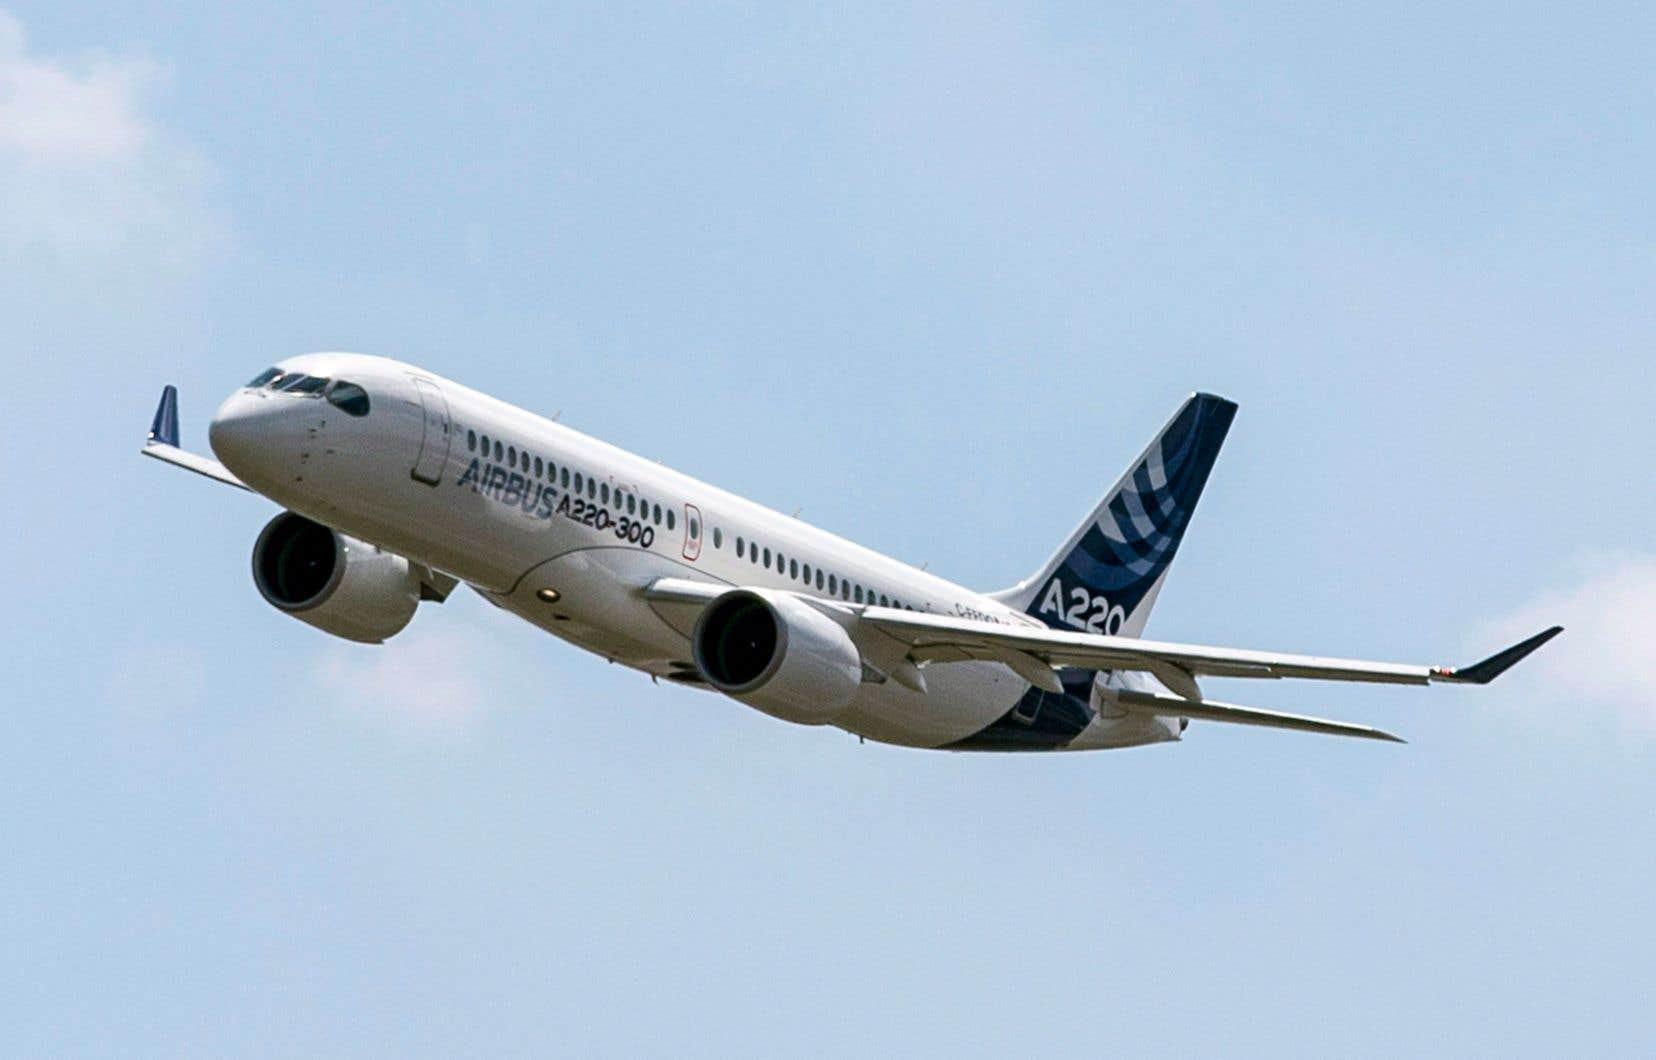 Airbus croit pouvoir conquérir la moitié du marché des appareils de 100 à 150 places. Cela pourrait représenter 3000 nouvelles unités.